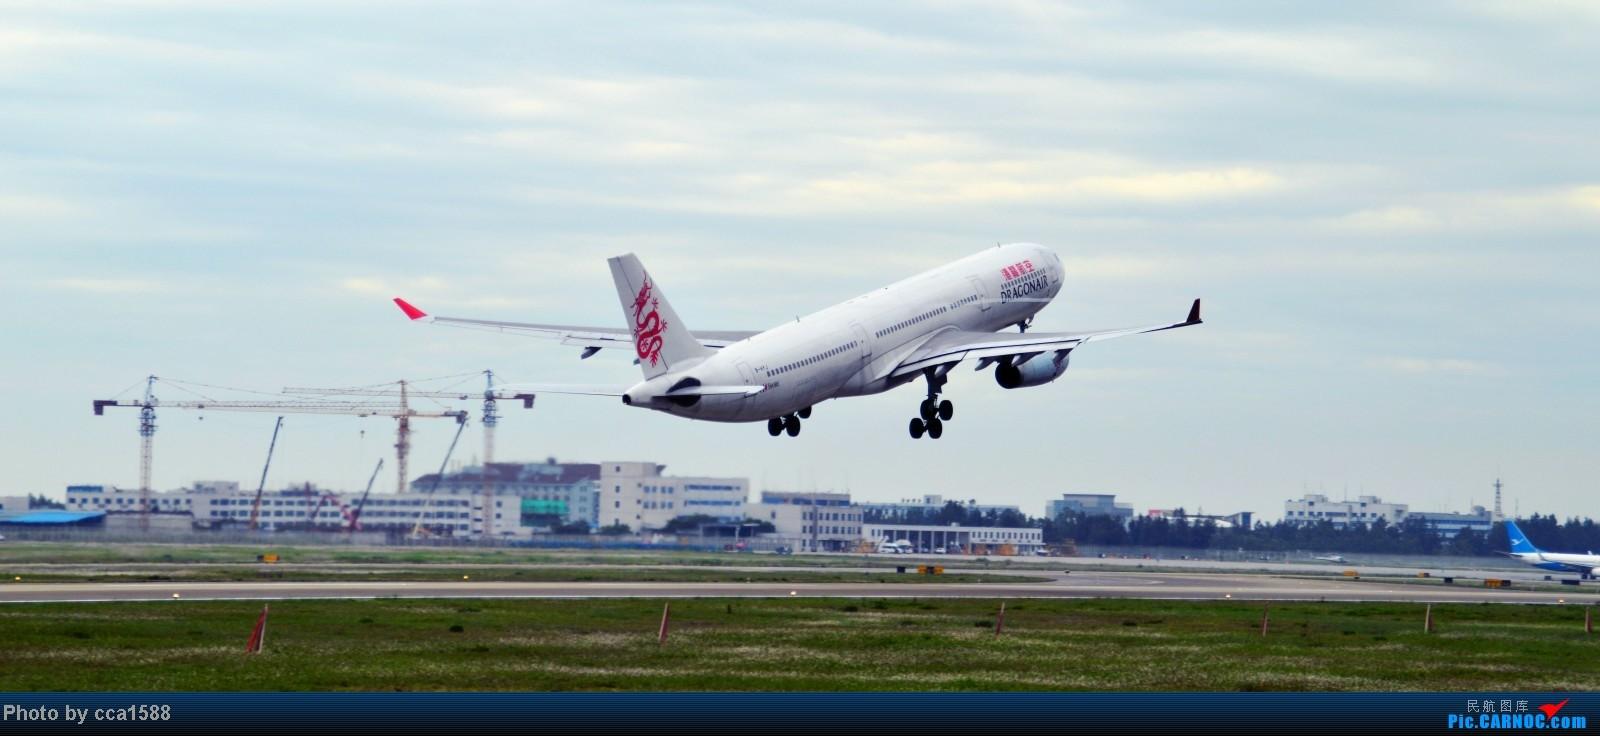 Re:[原创]4.26FOC拍机--烂天出好机,各种奇葩货~~ AIRBUS A330-300 B-HYJ 中国福州长乐机场